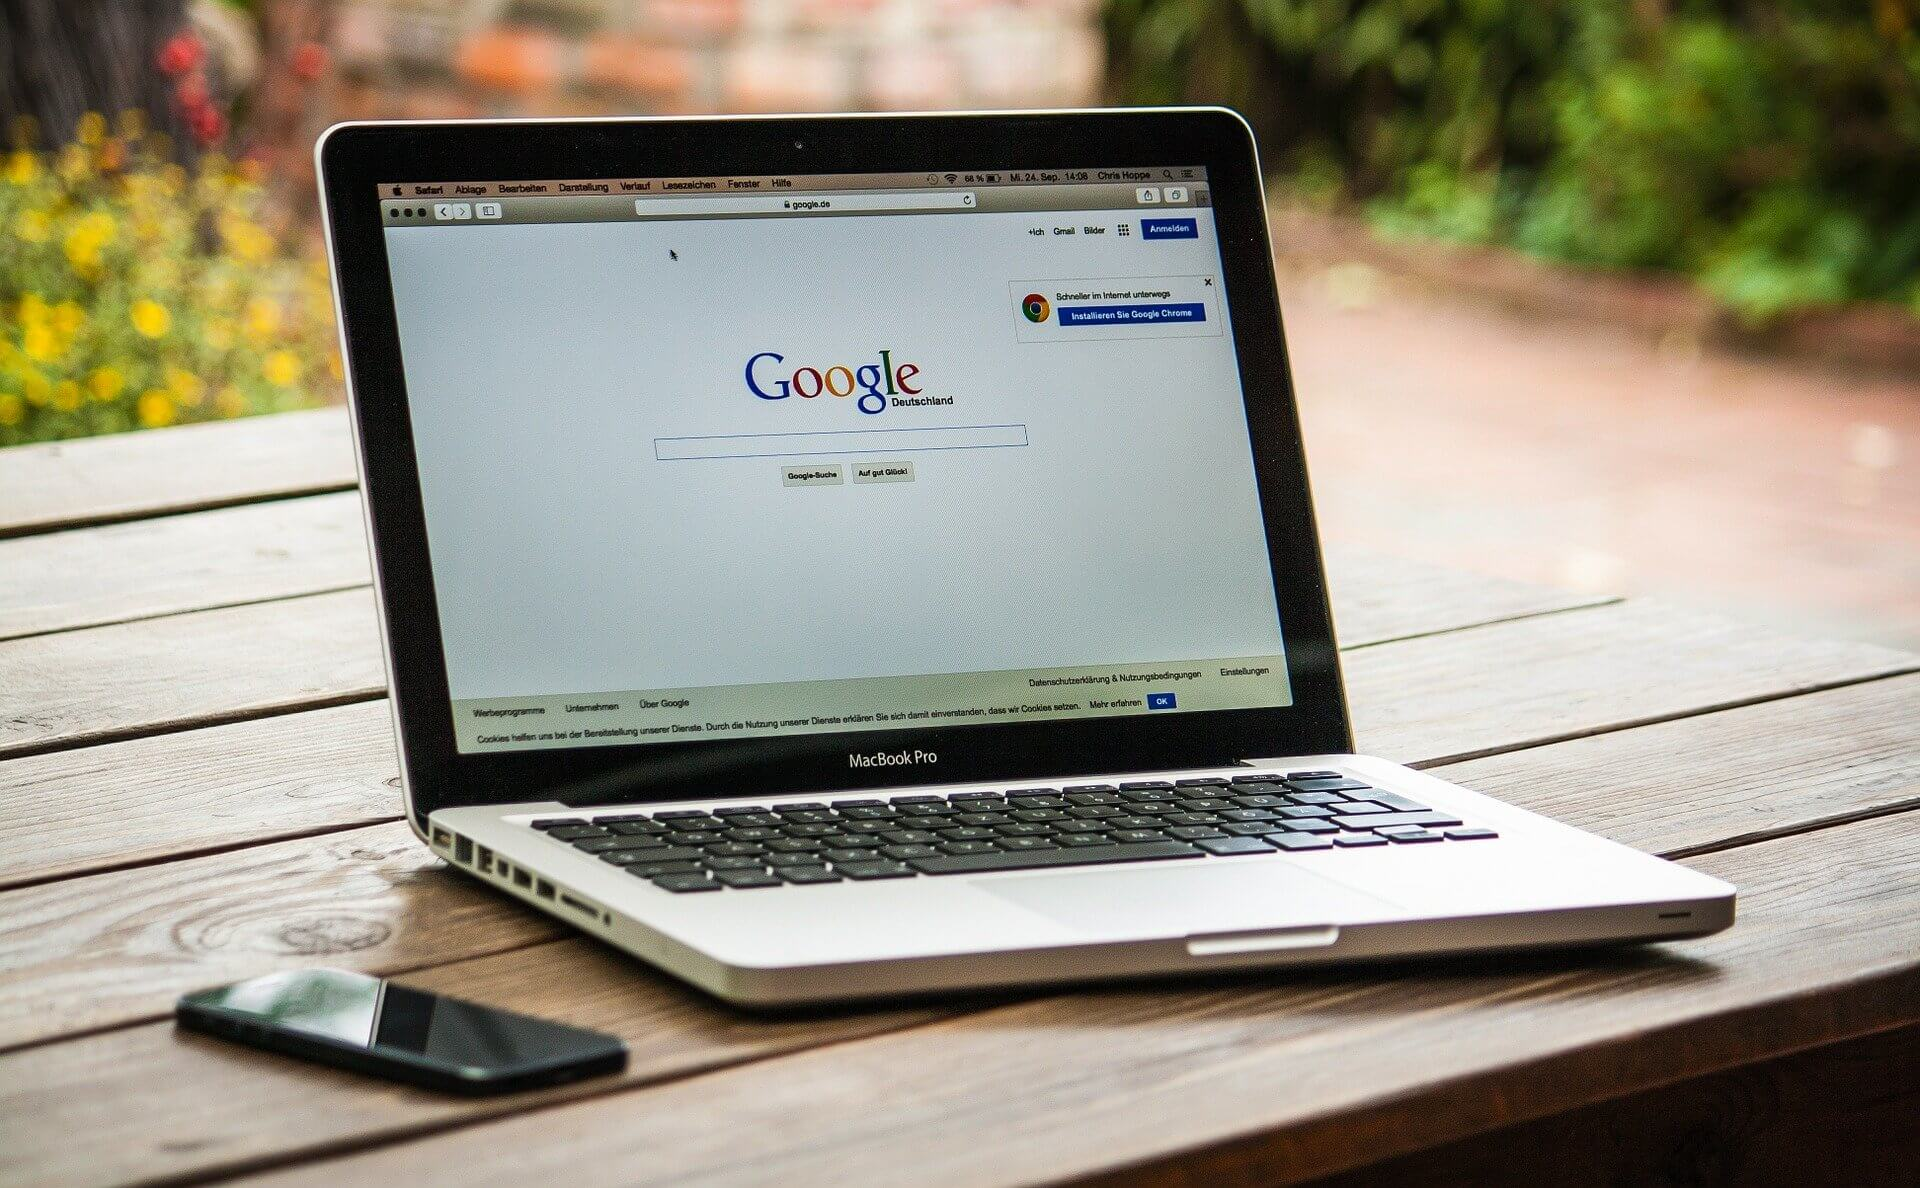 Jak pozycjonować wizytówkę Google – Sprawdzone sposoby